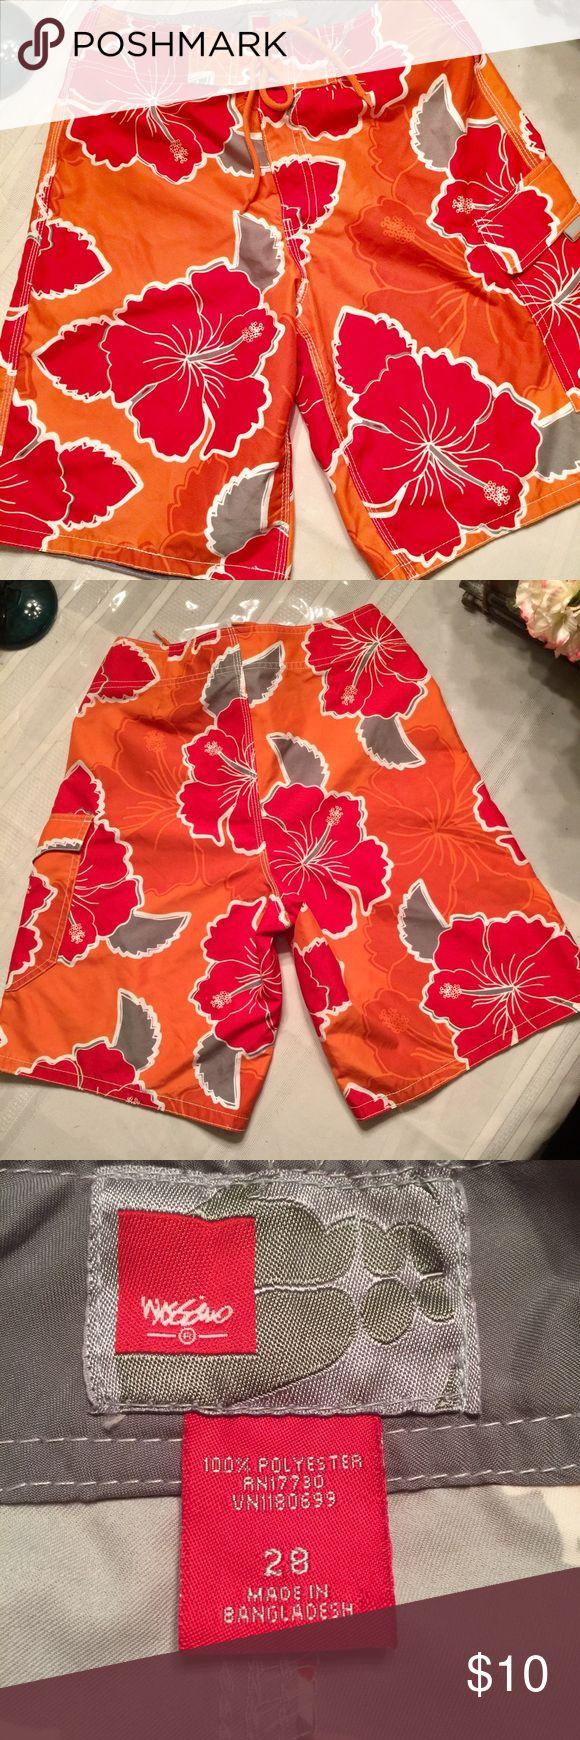 Men's bathing suit /board shorts / swim trunks Mossimo Men's bathing suit size 28.  Excellent condition 🌴💕🌴🦀 Mossimo Supply Co. Swim Board Shorts